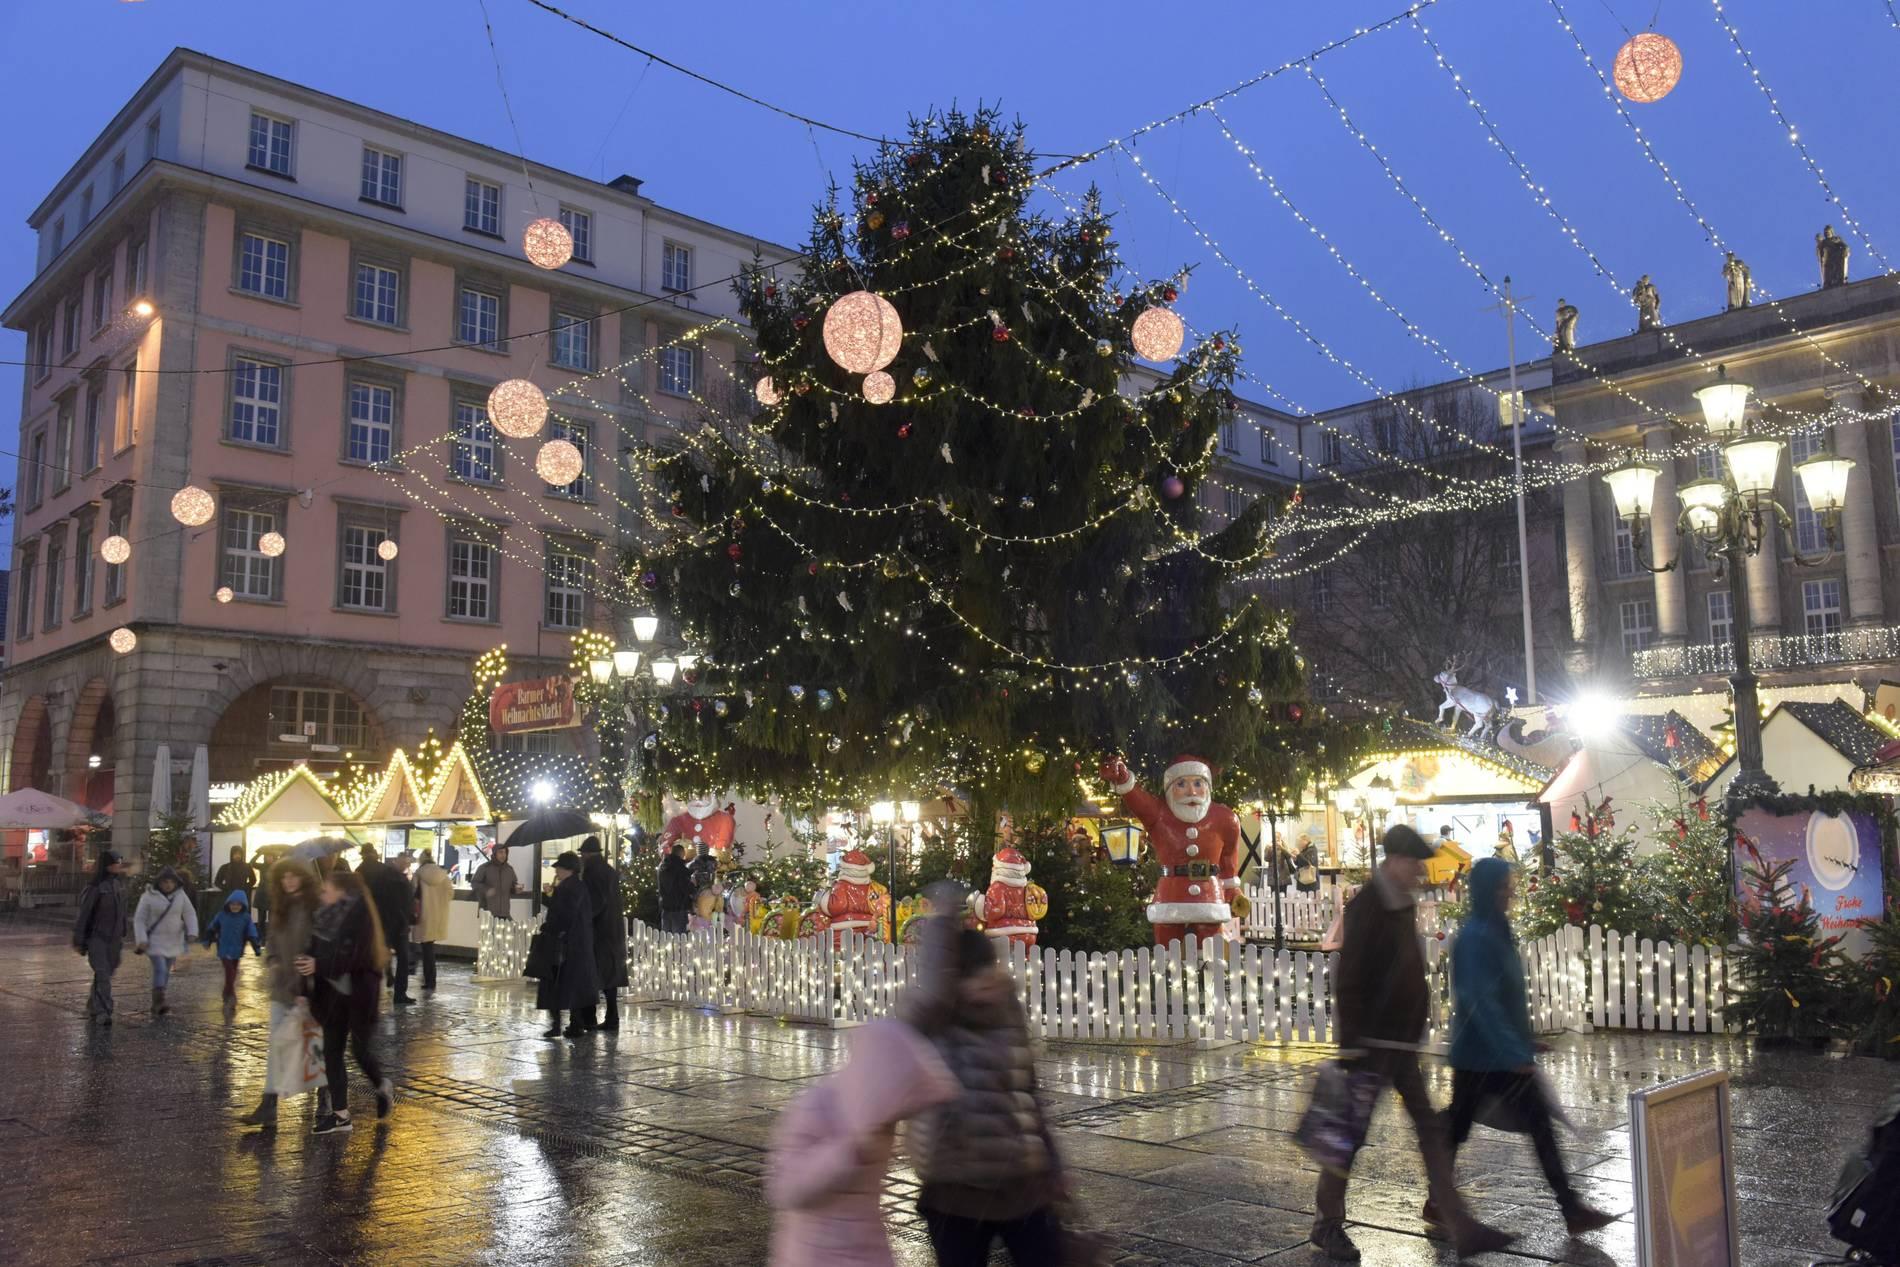 Weihnachtsmarkt Heute Nrw.Das Sind Die Weihnachtsmärkte In Wuppertal